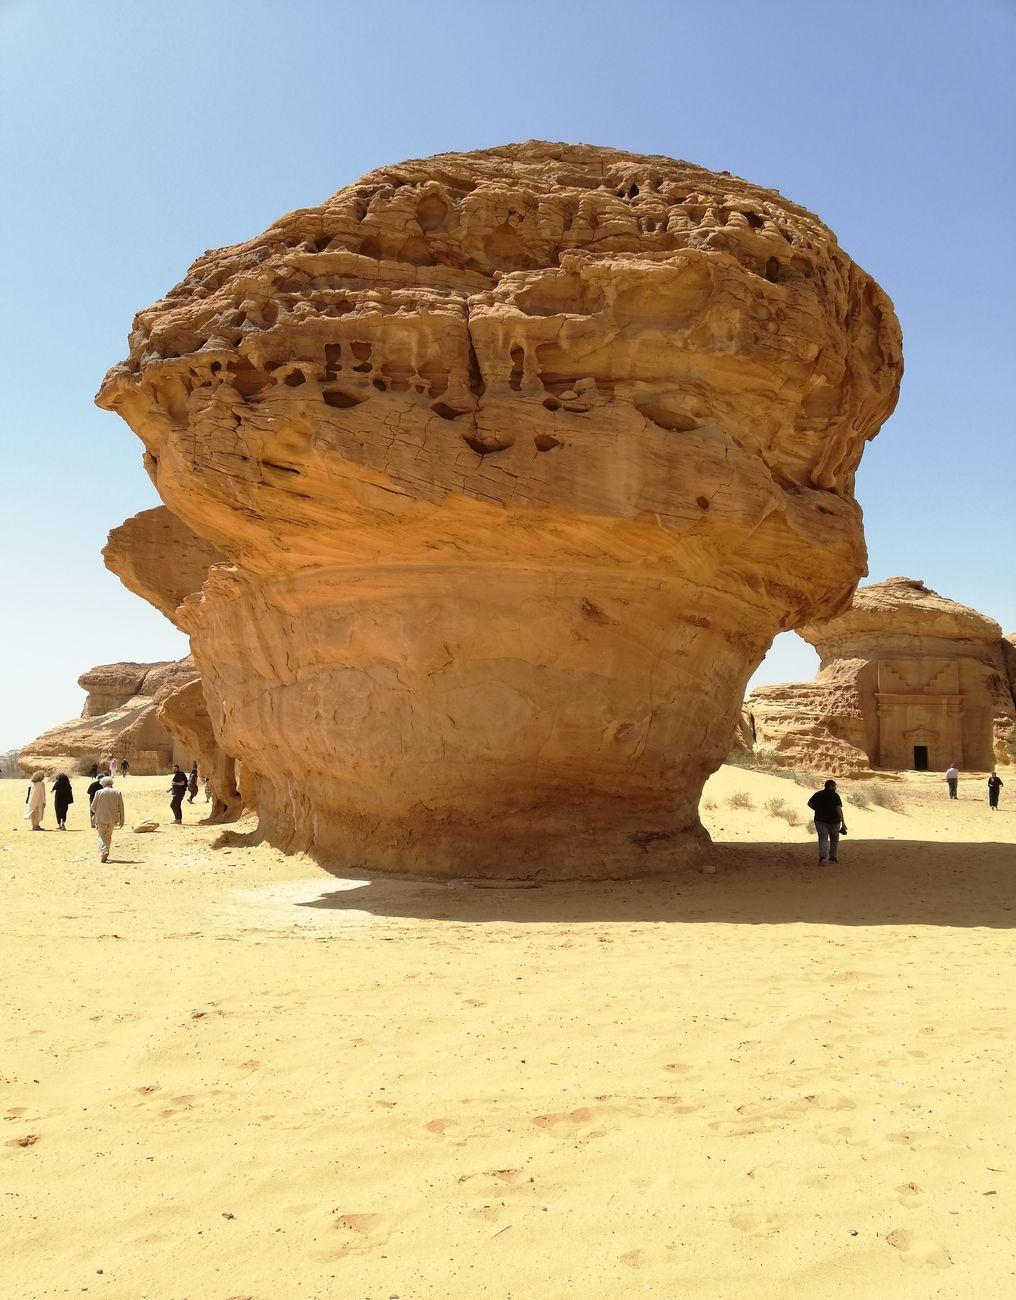 Regione di Al-Ula, Arabia Saudita. Photo Daniele Perra